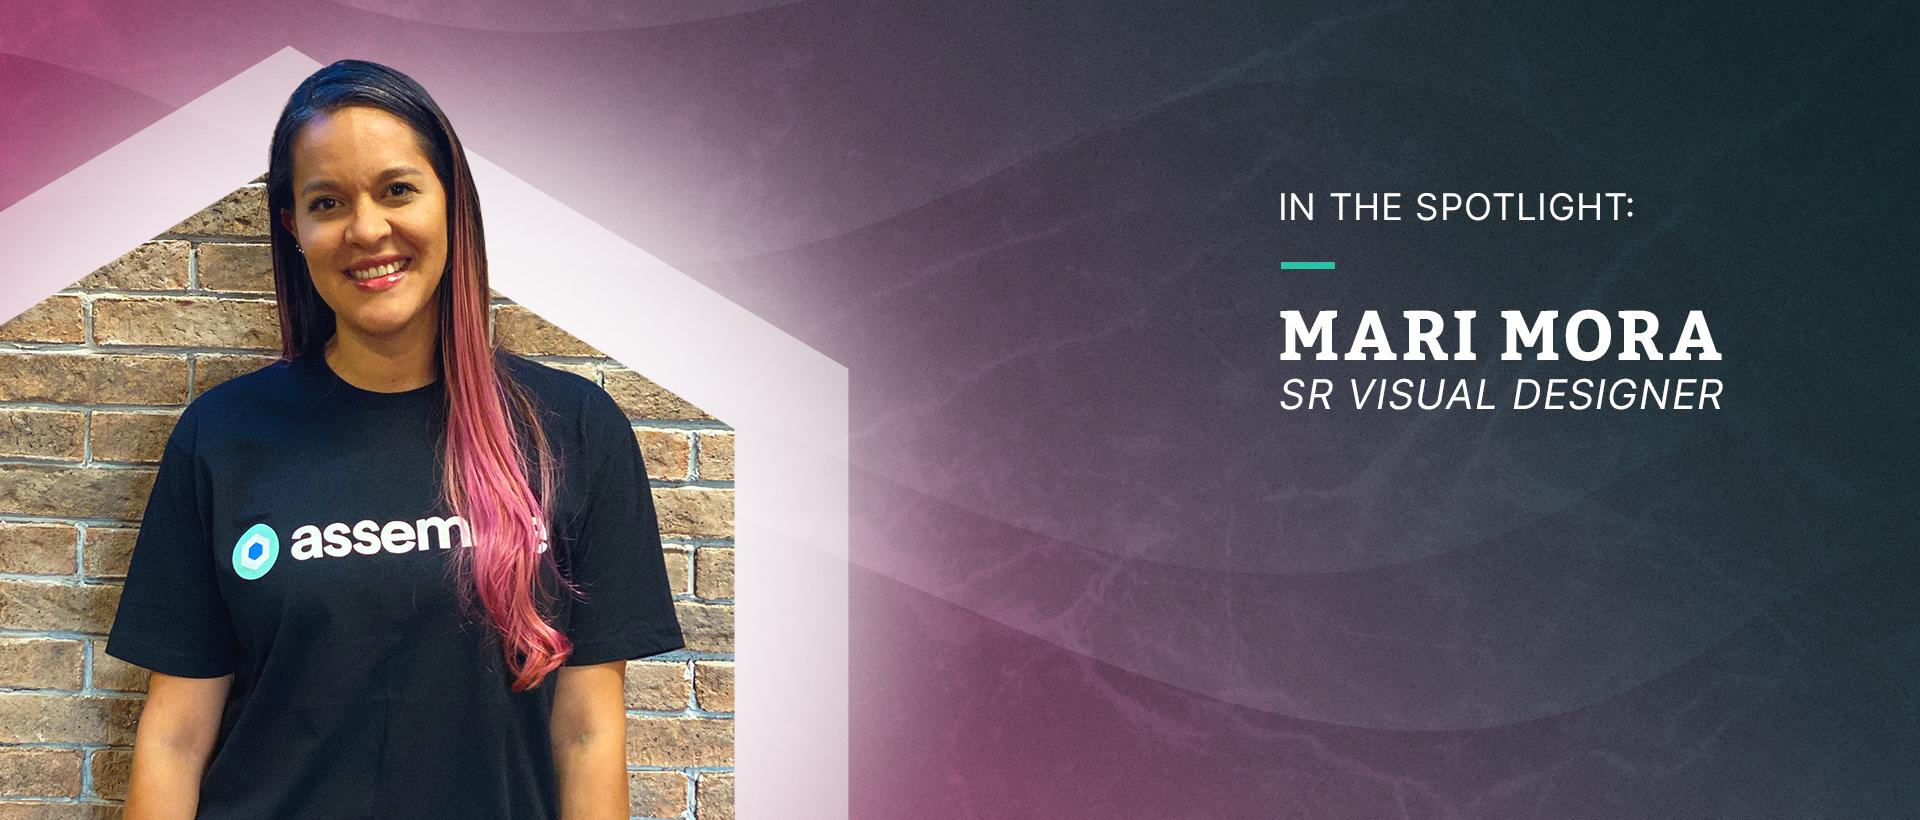 In the Spotlight: Mari Mora